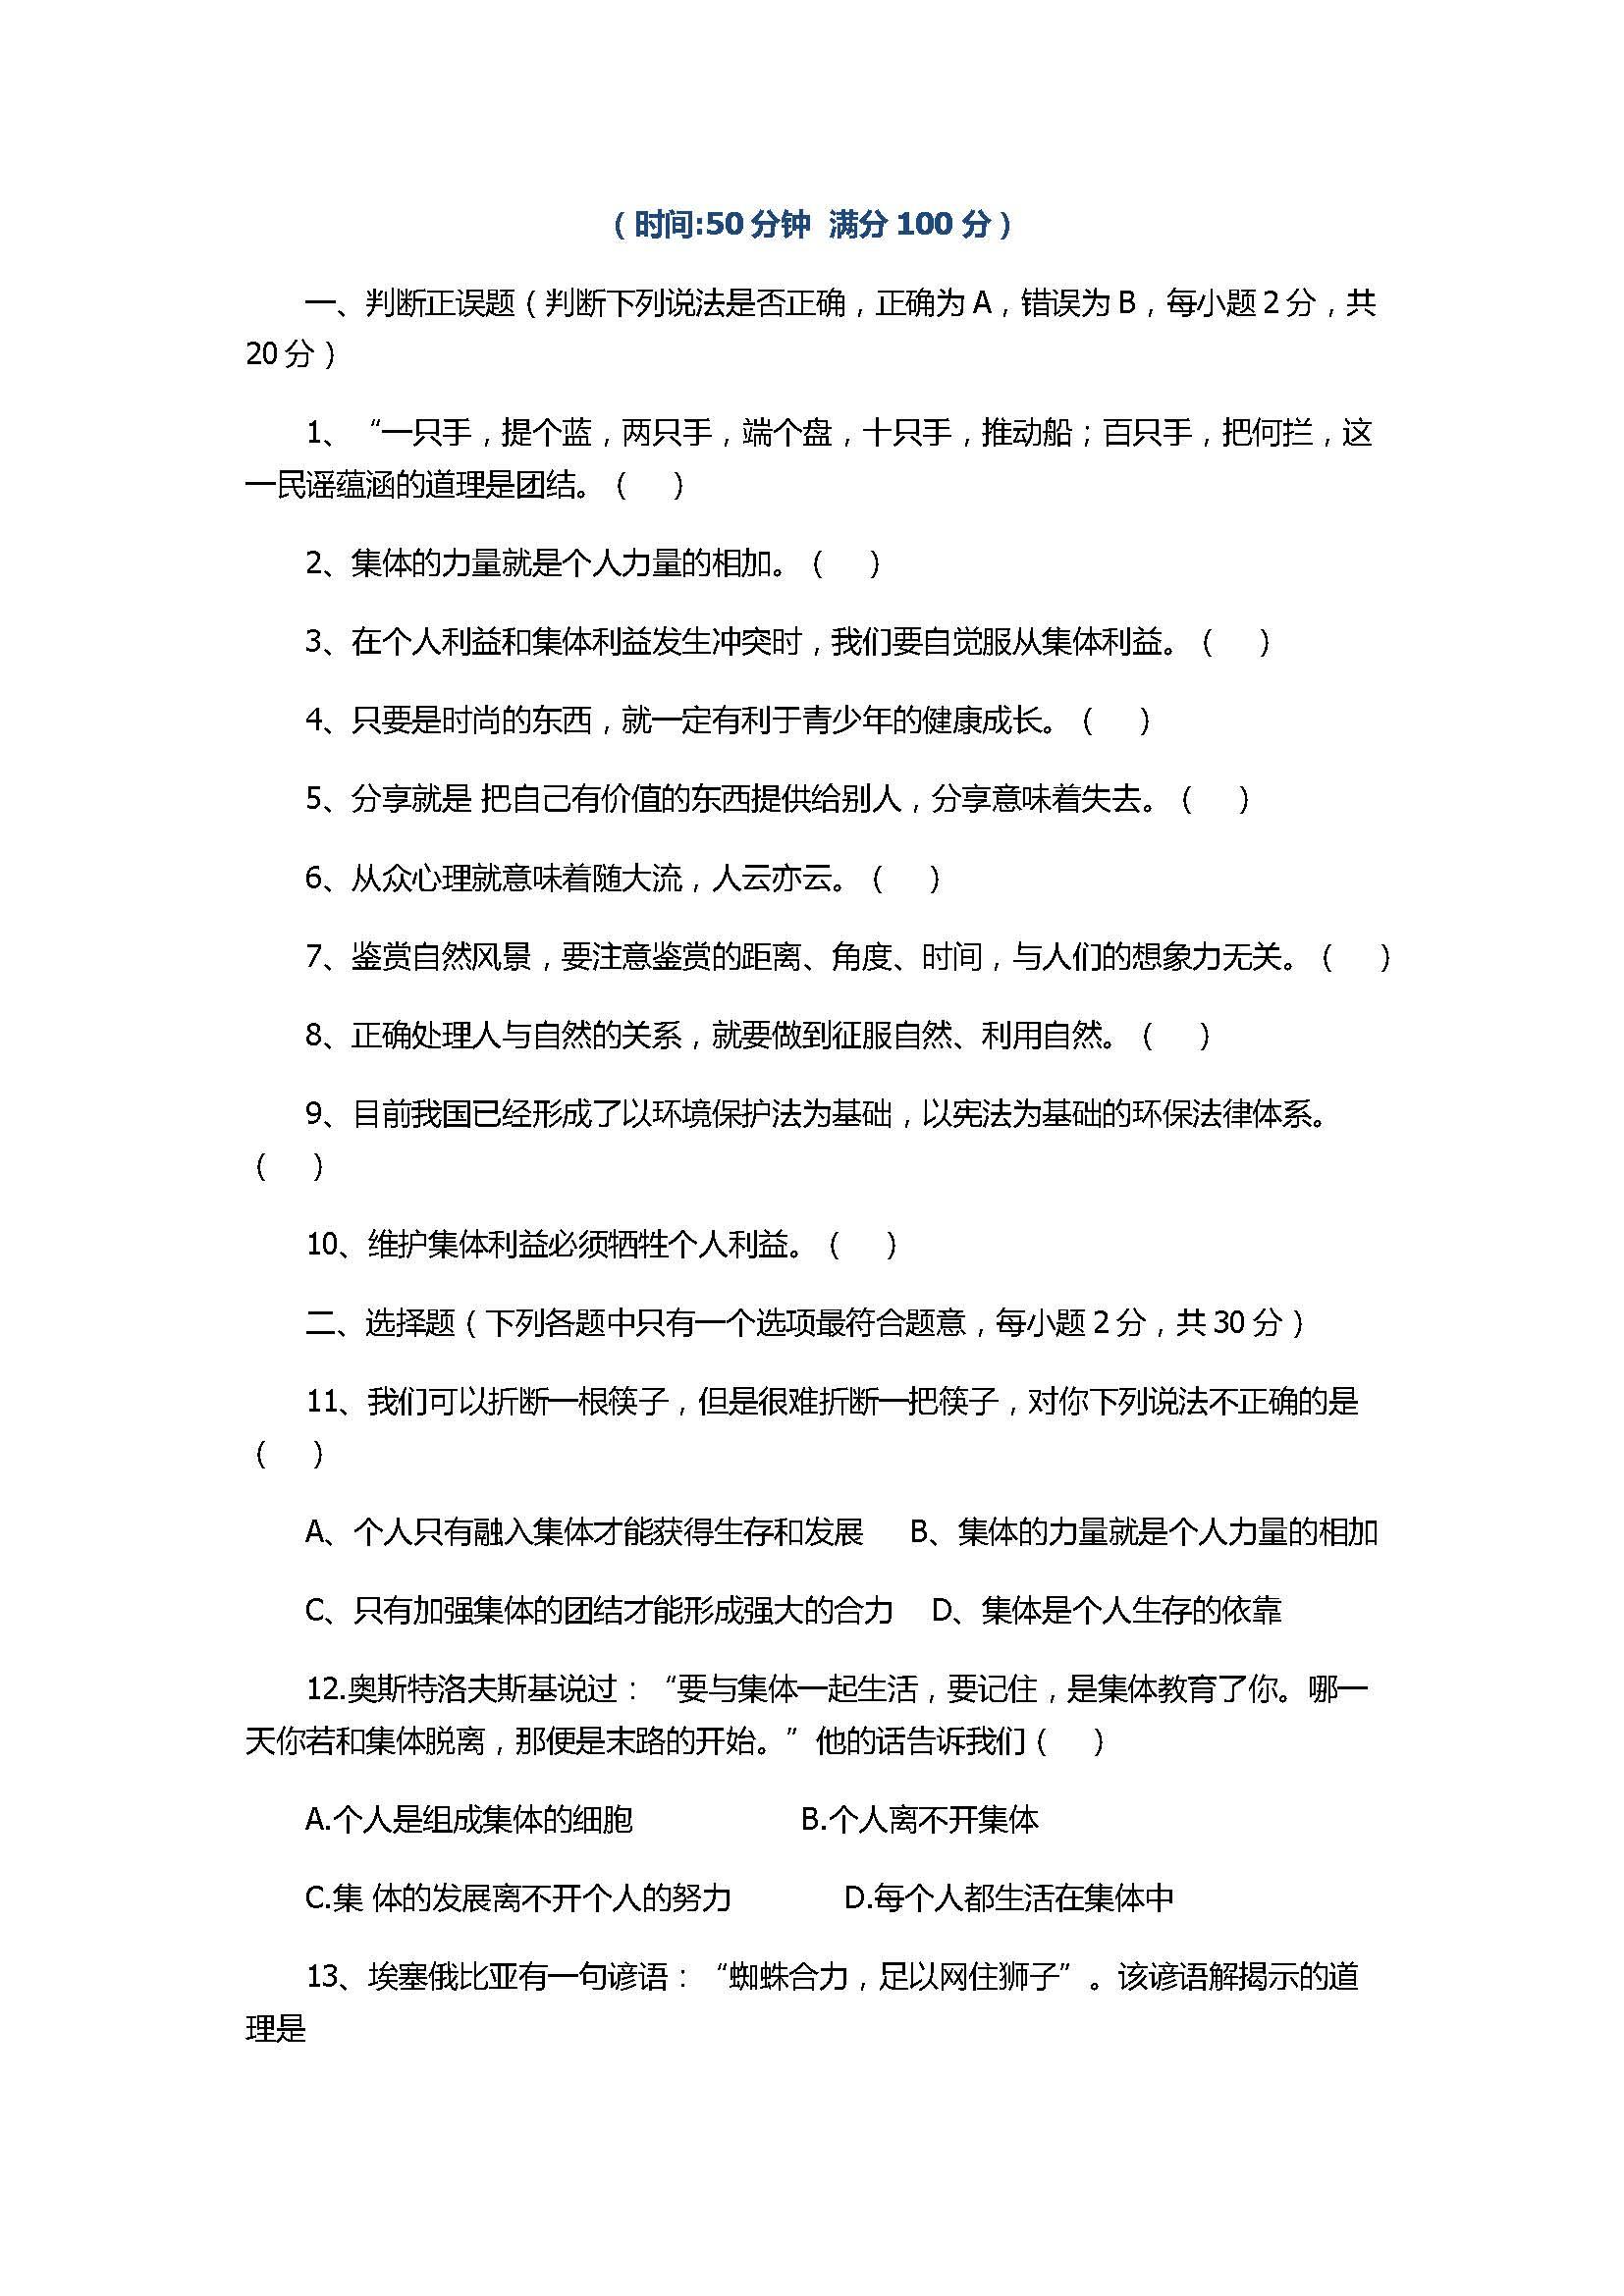 2017八年级下册思想品德期中试题附参考答案(临沭县)